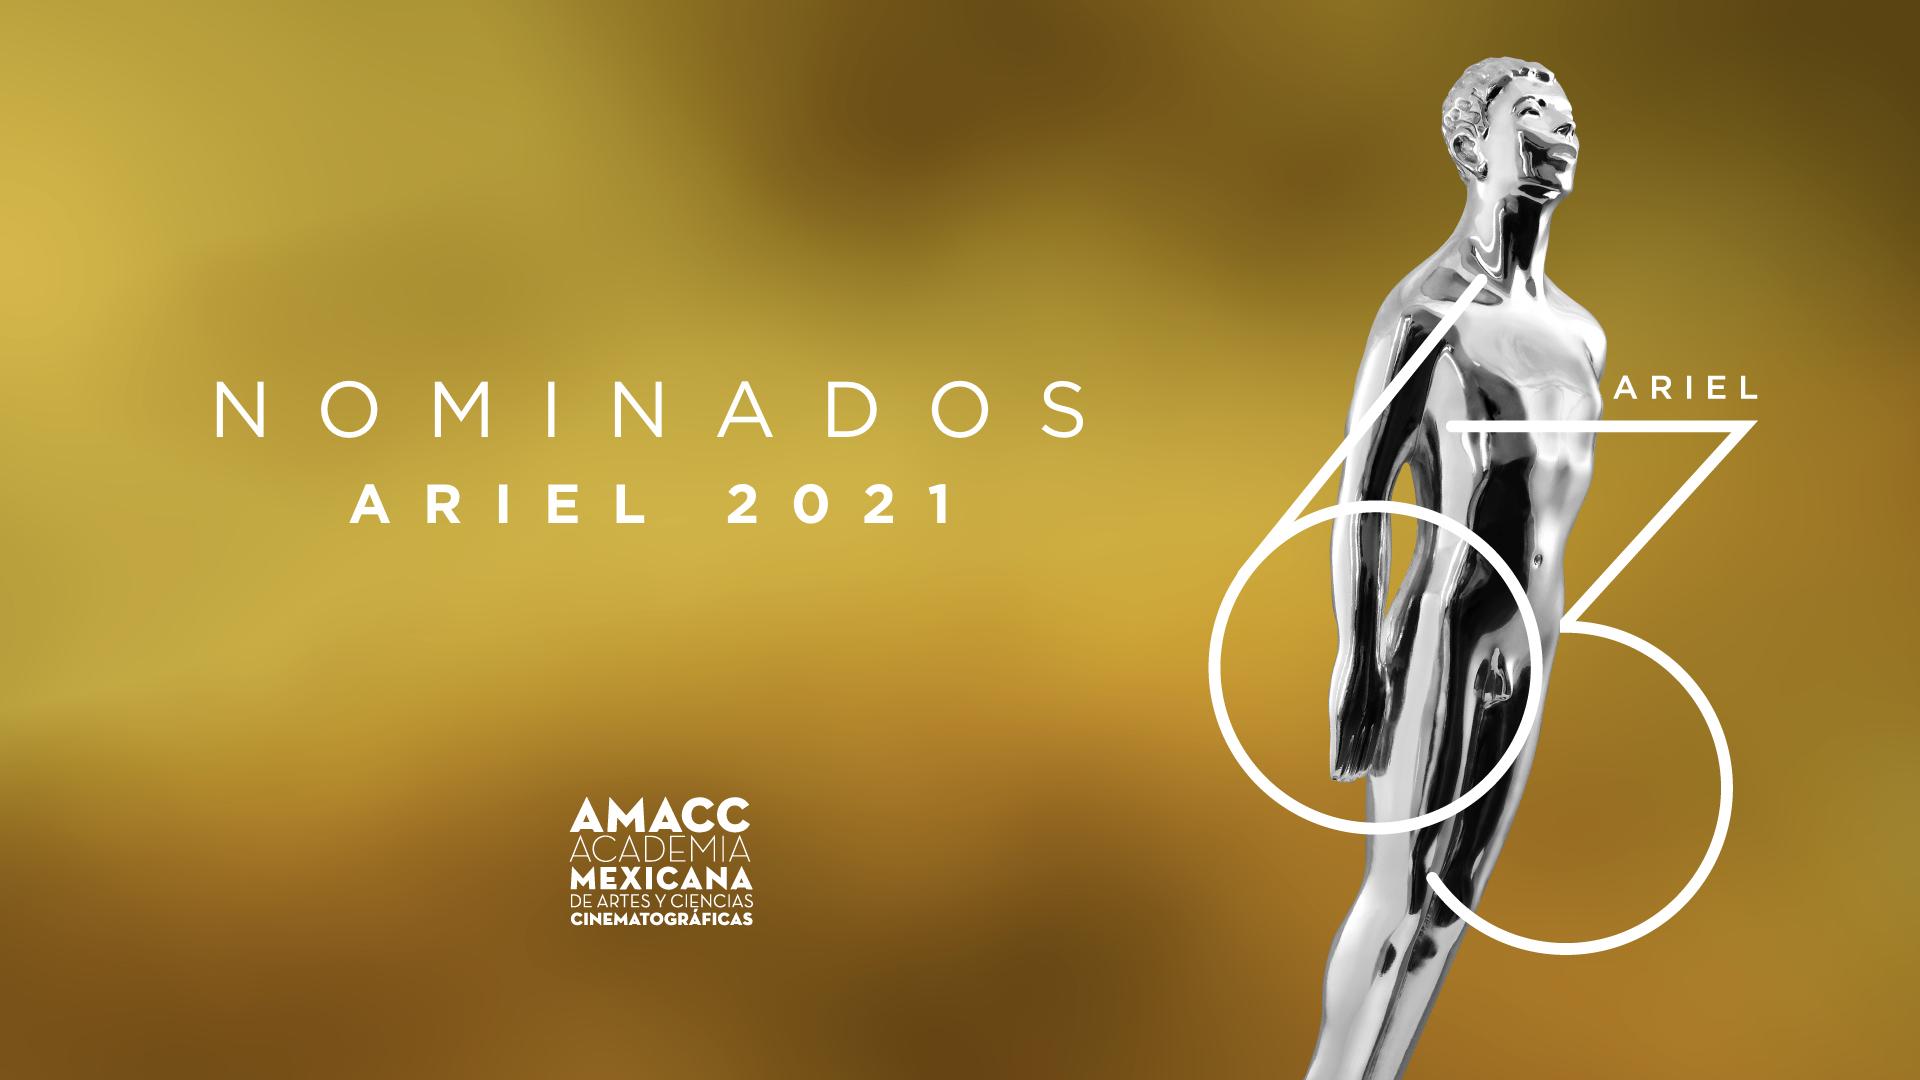 NOMINADOS ARIEL 2021